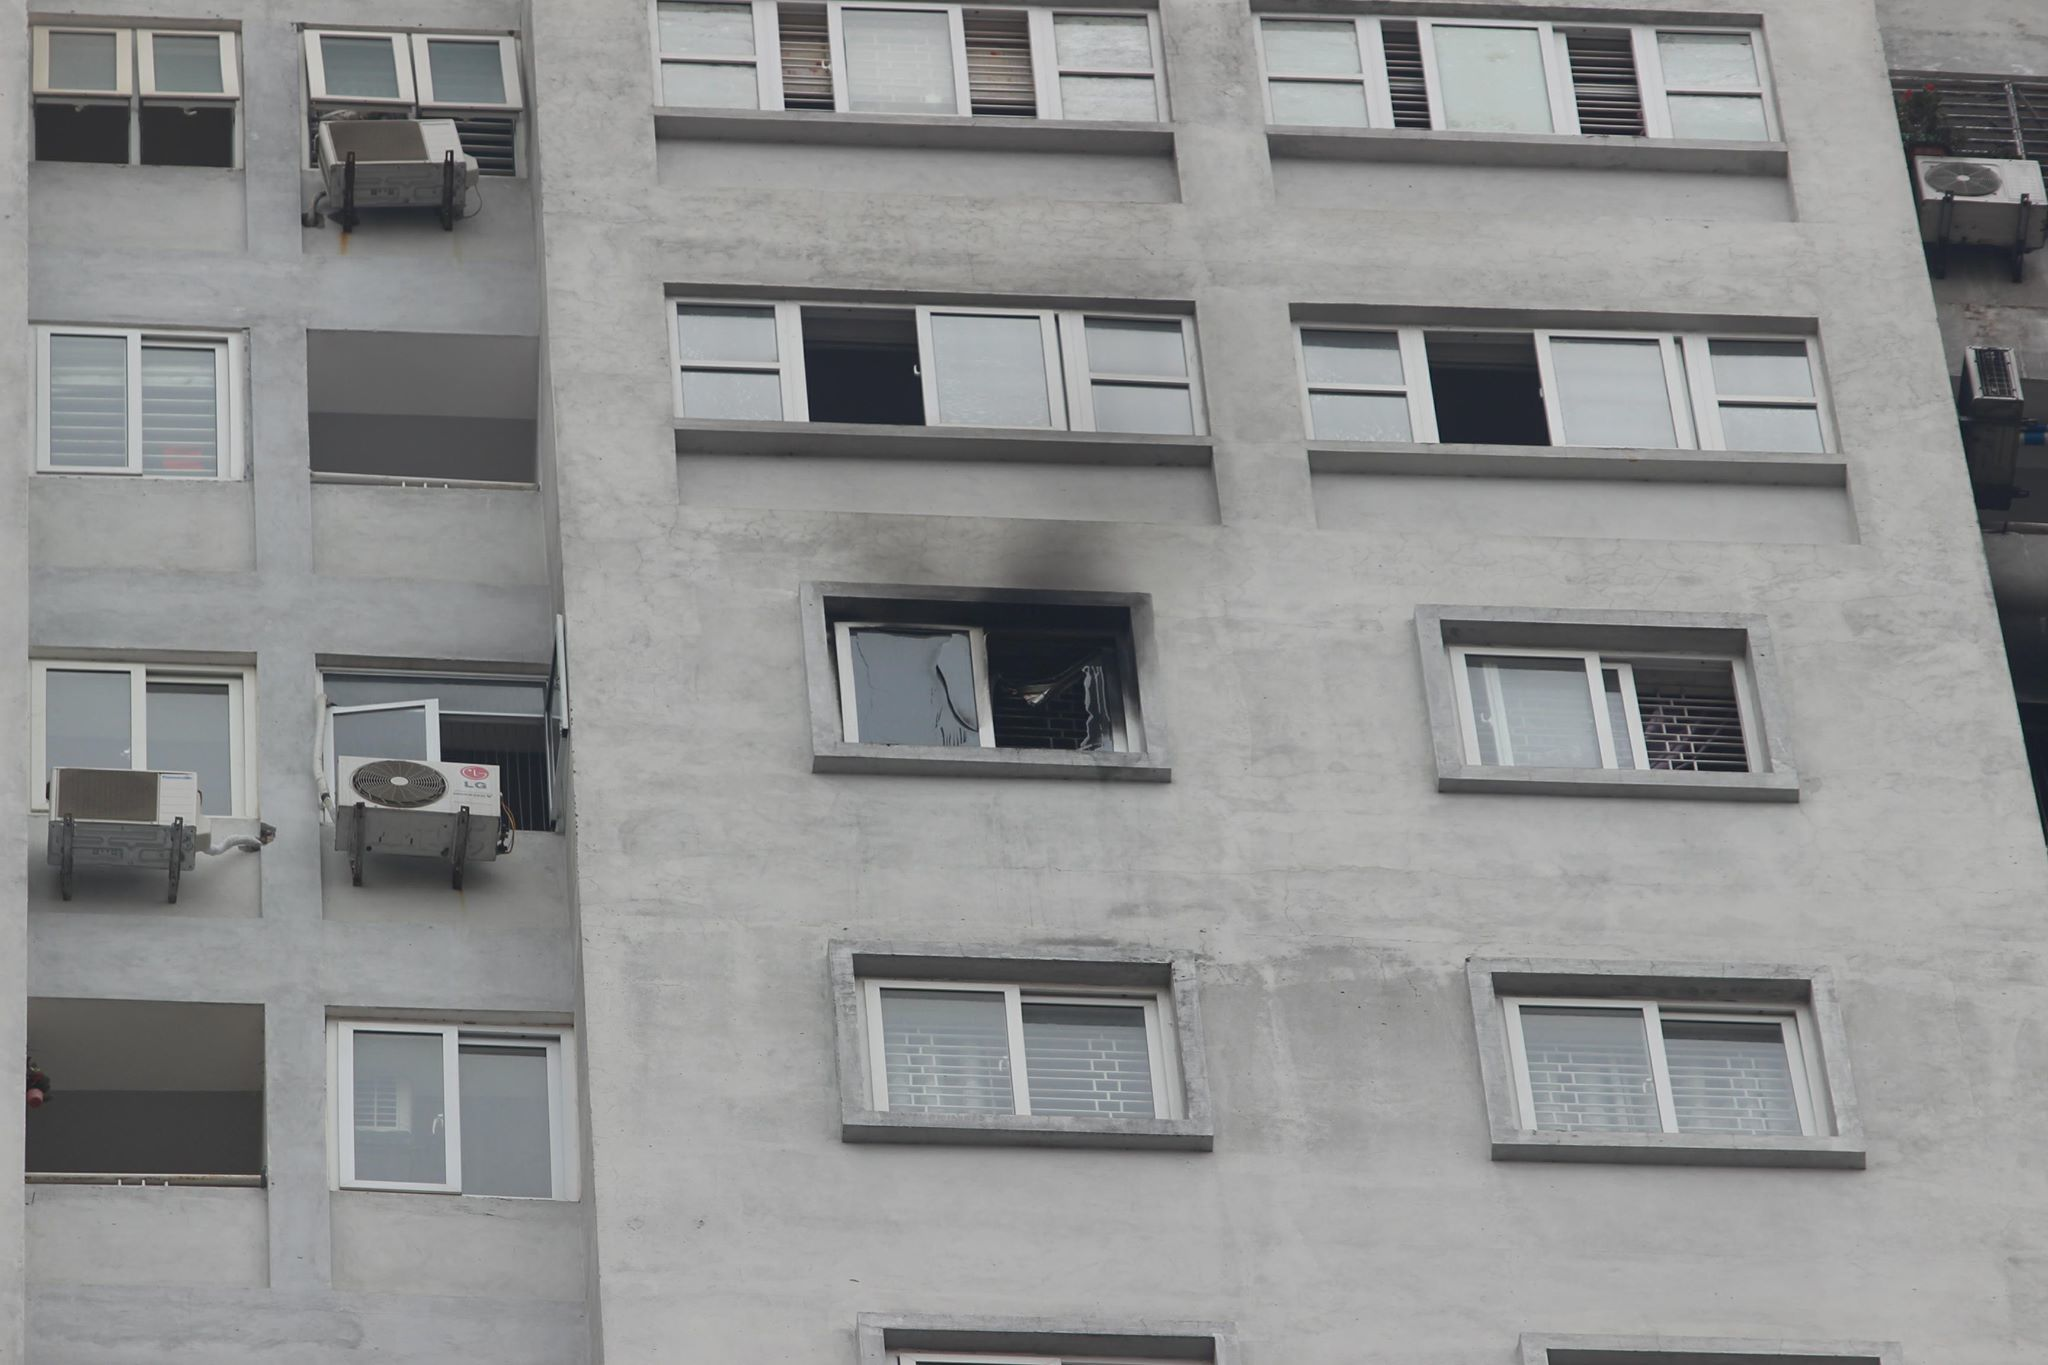 Cháy chung cư Văn Khê: Thấp thỏm vì chuông báo cháy tê liệt